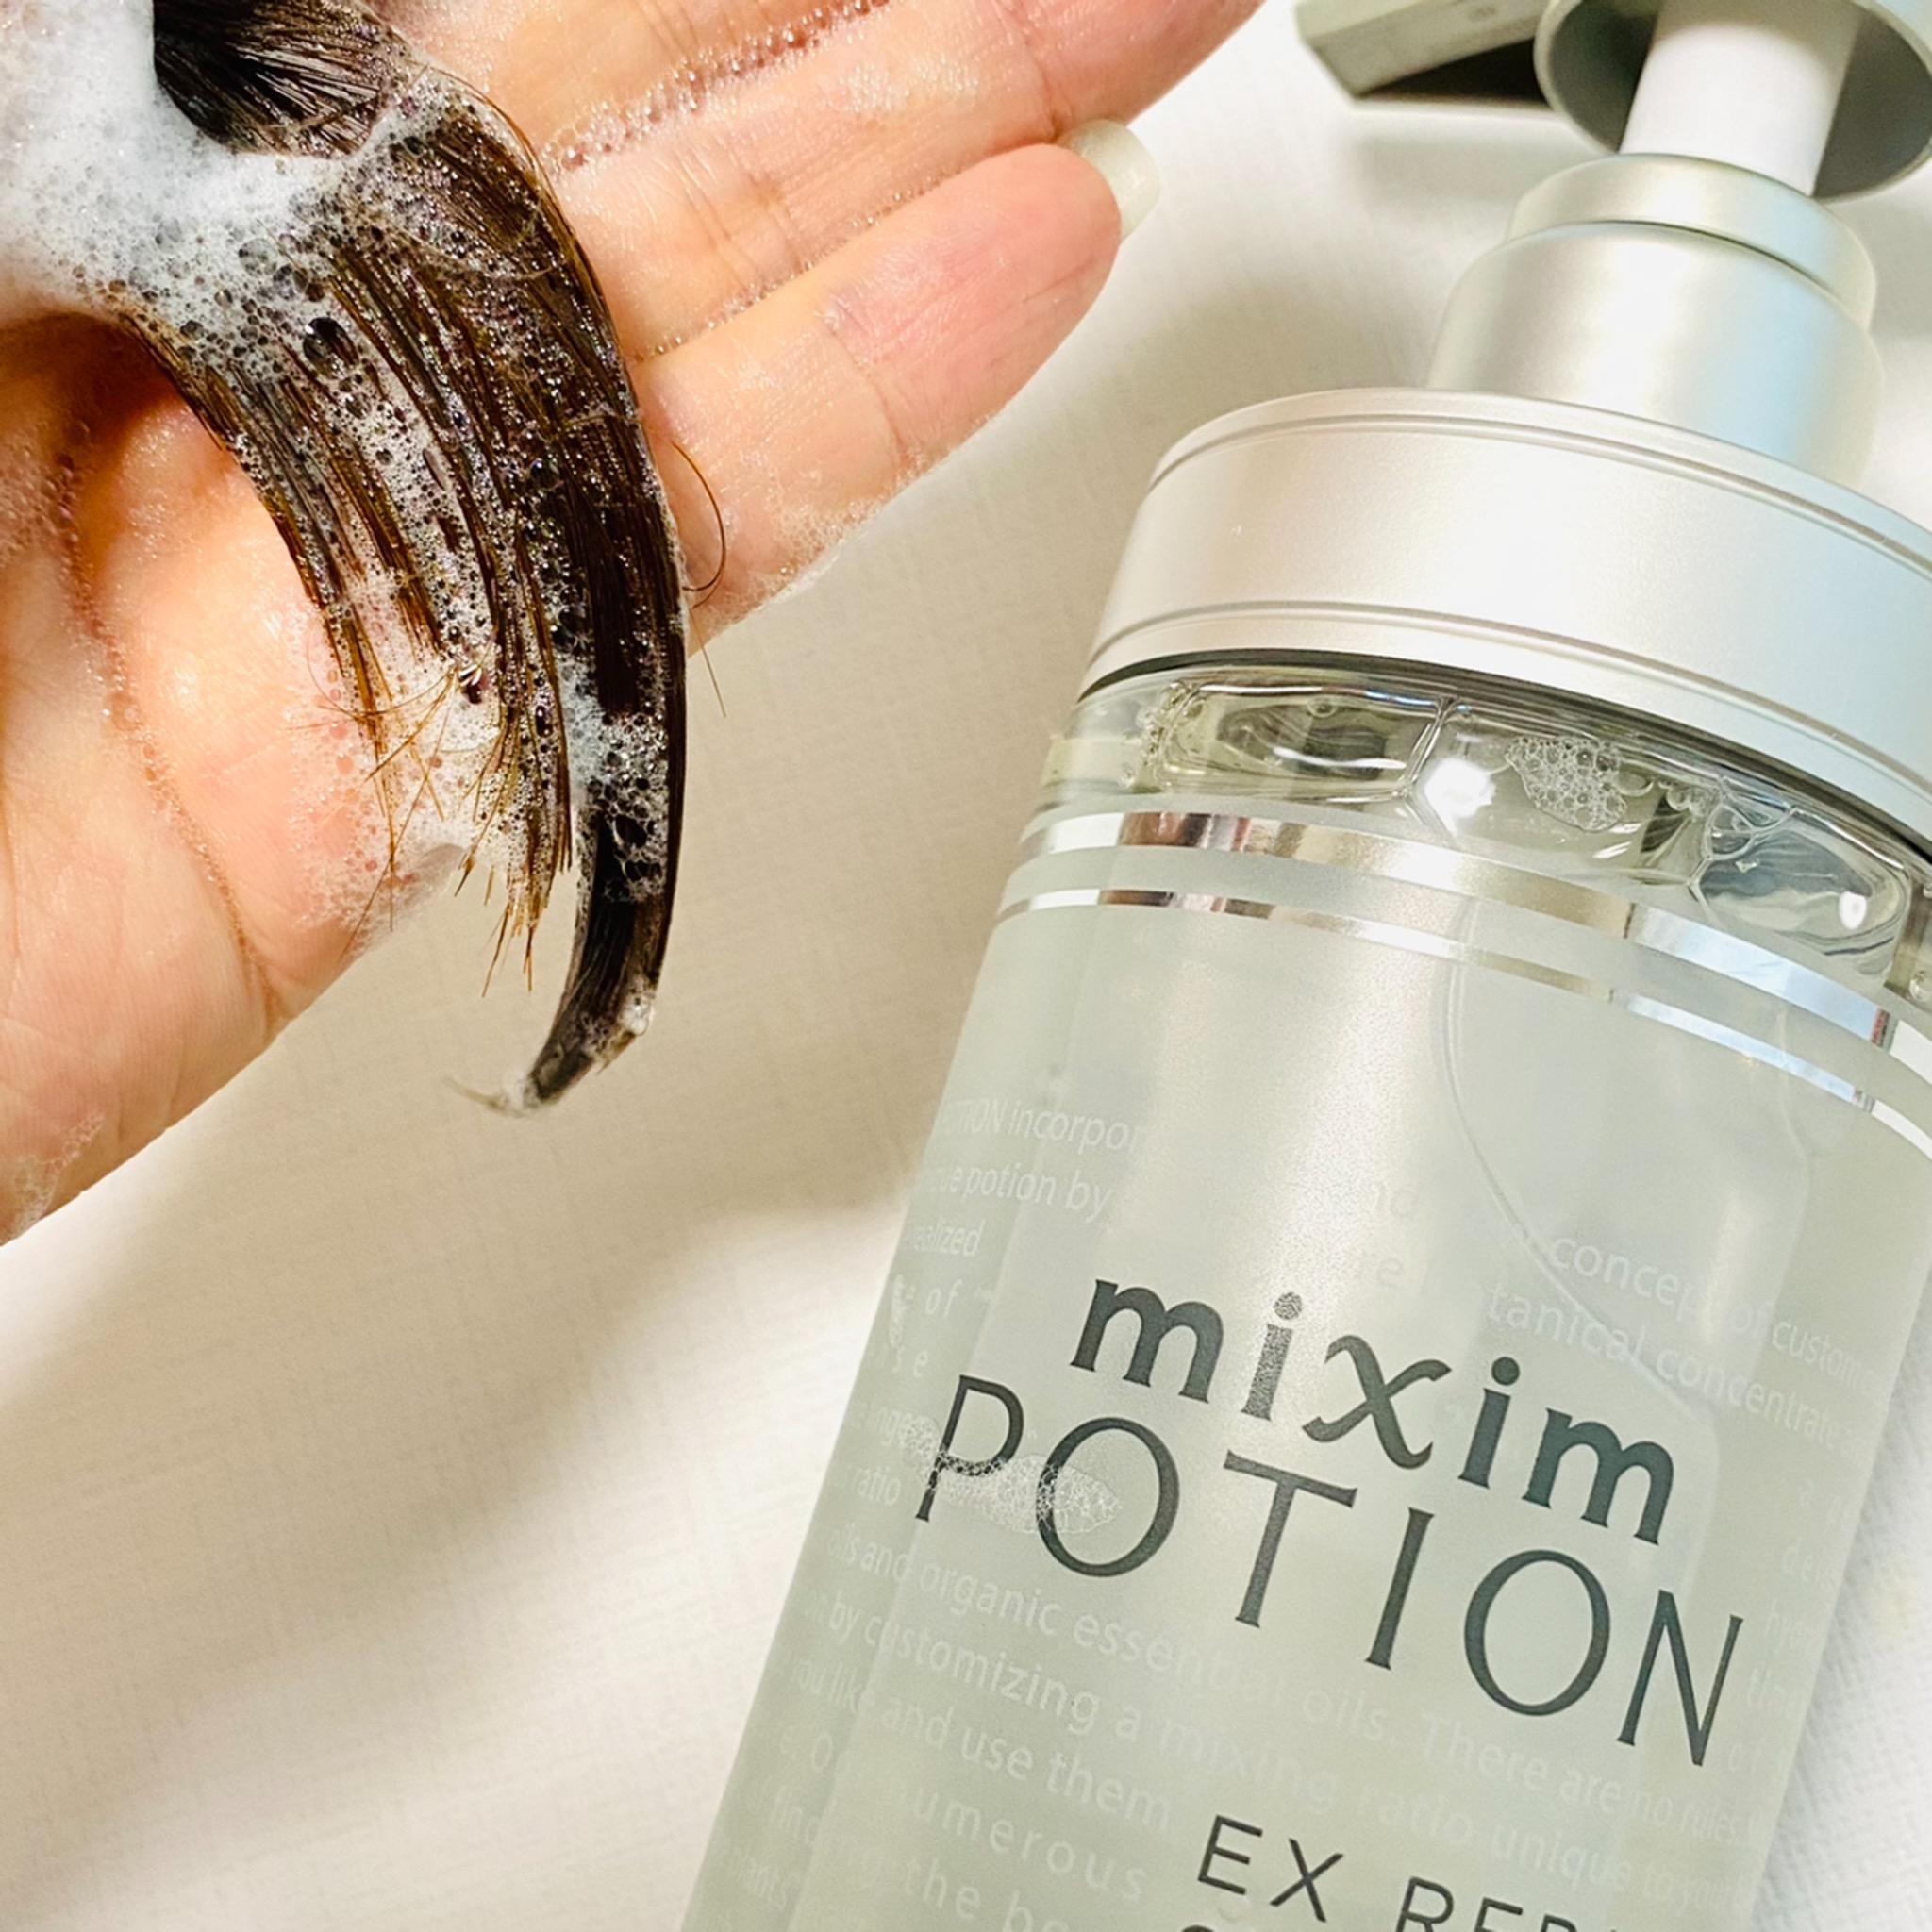 mixim(ミクシム)ポーション EXリペア シャンプーを使ったminoriさんのクチコミ画像5